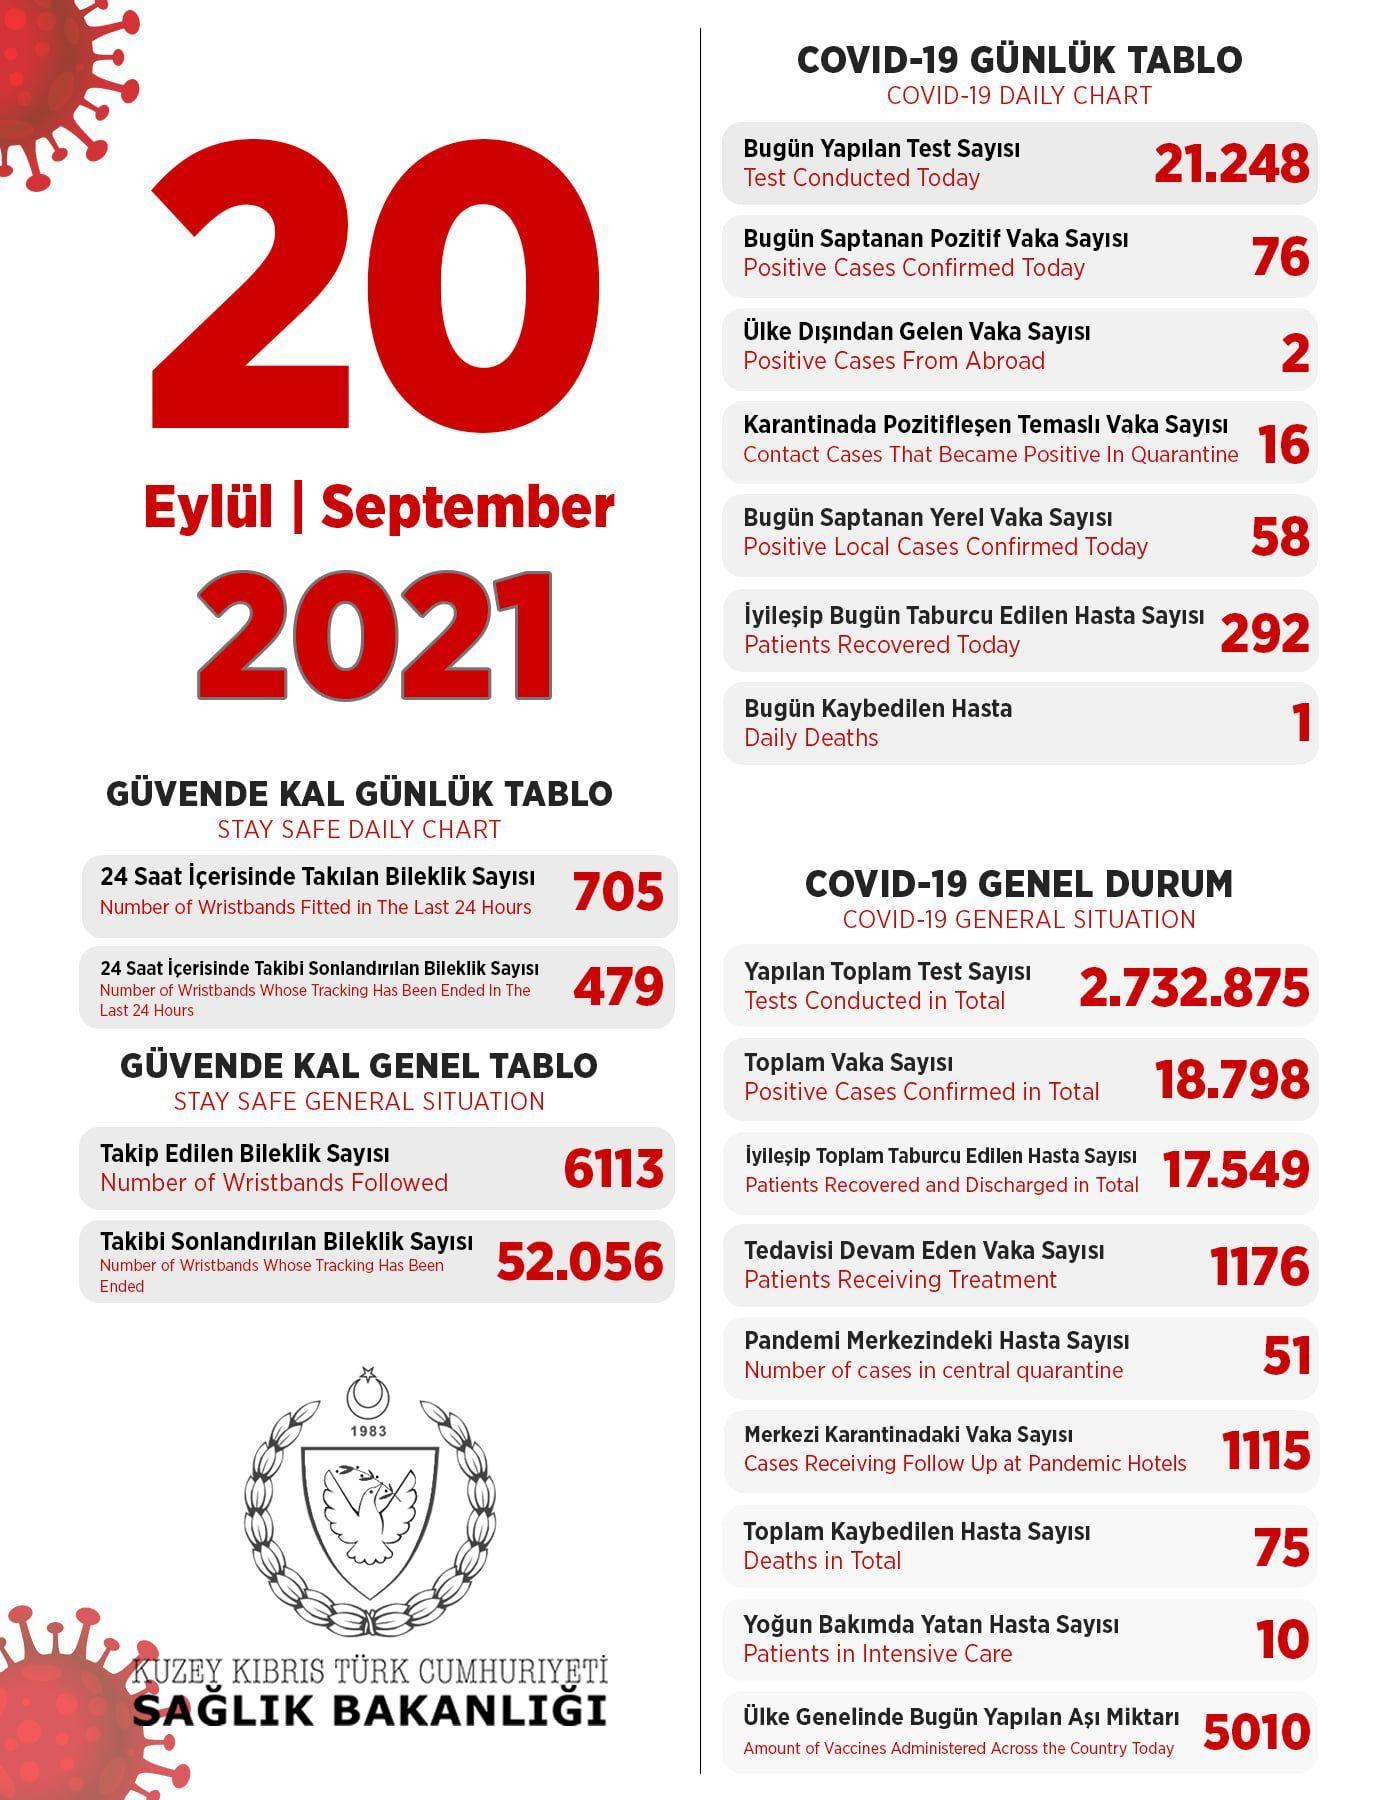 20 сентября 2021 в ТРСК 76 инфицированных, 292 выписаны